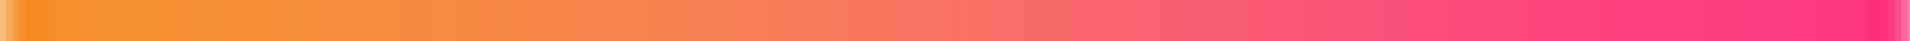 Rango de Color del Colorante Natural Alimentario Carmín de Cochinilla